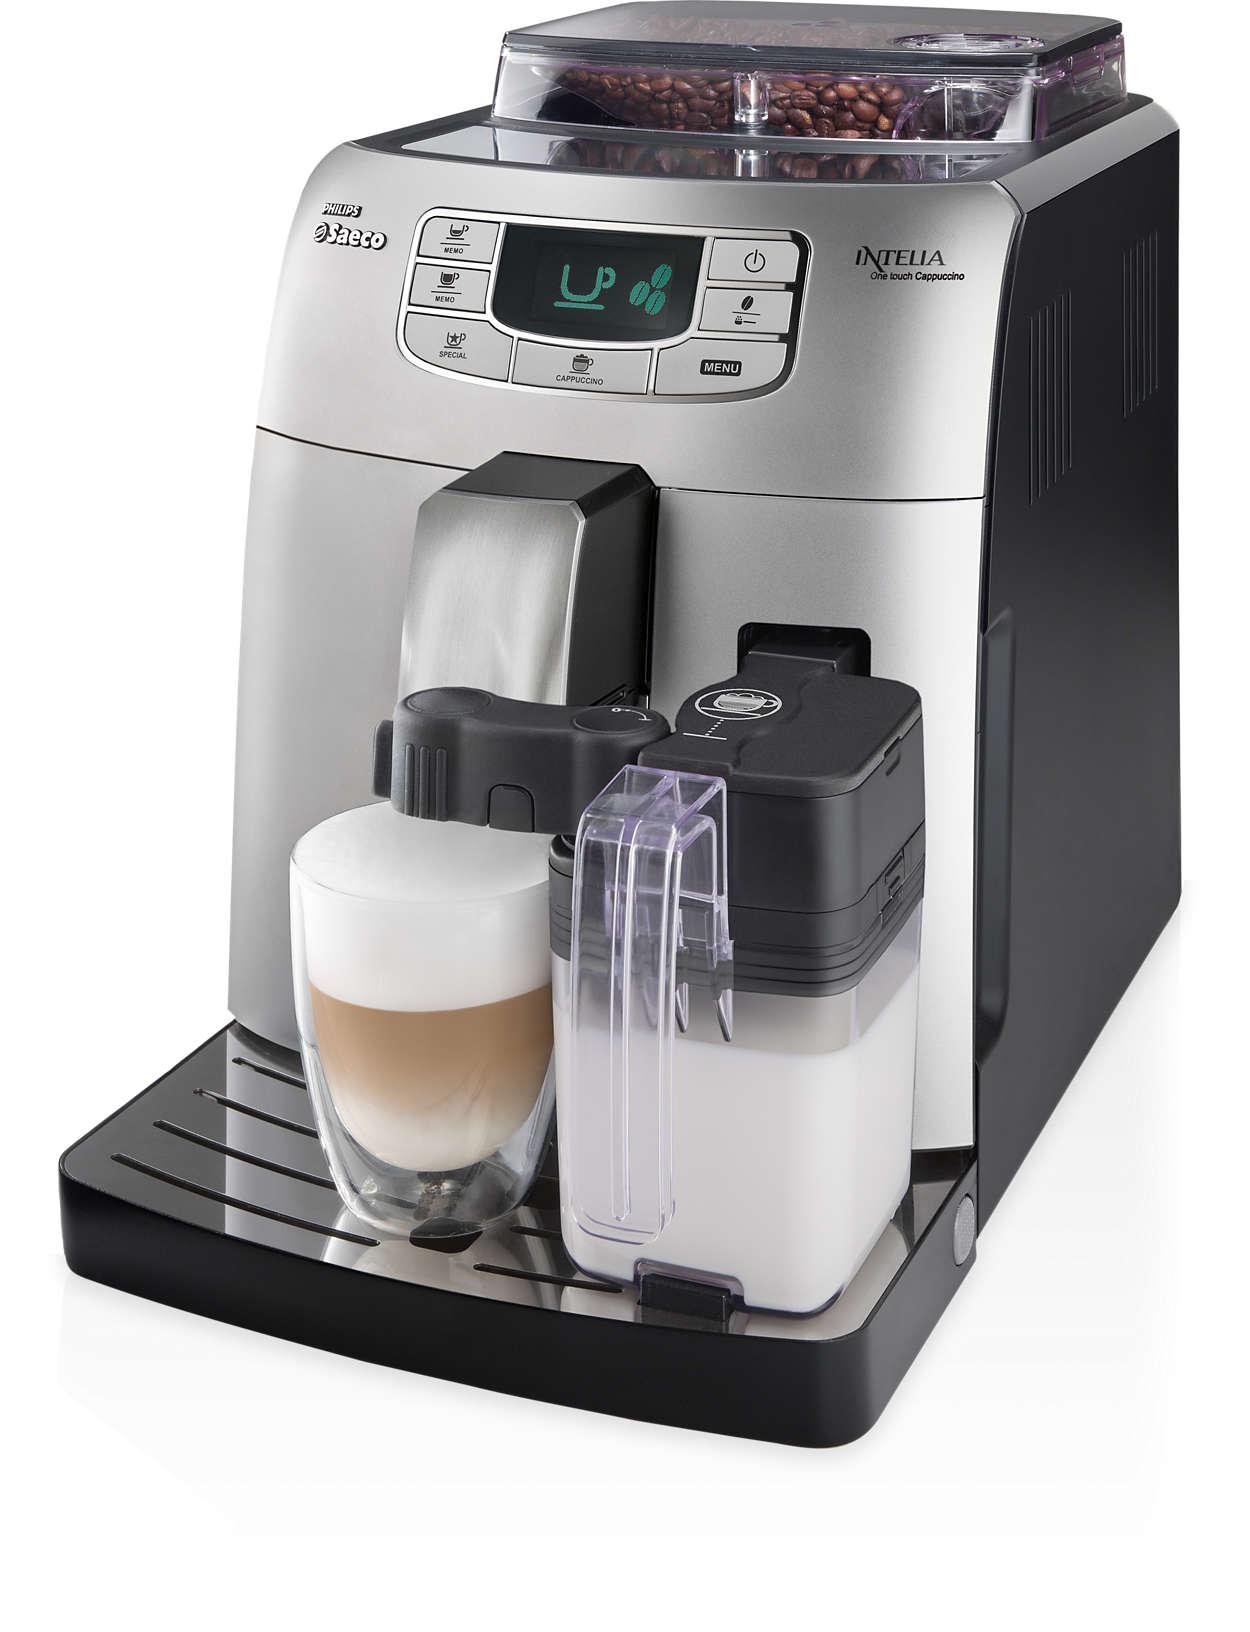 내가 원하는 커피를 만들어주는 아로마 컨트롤